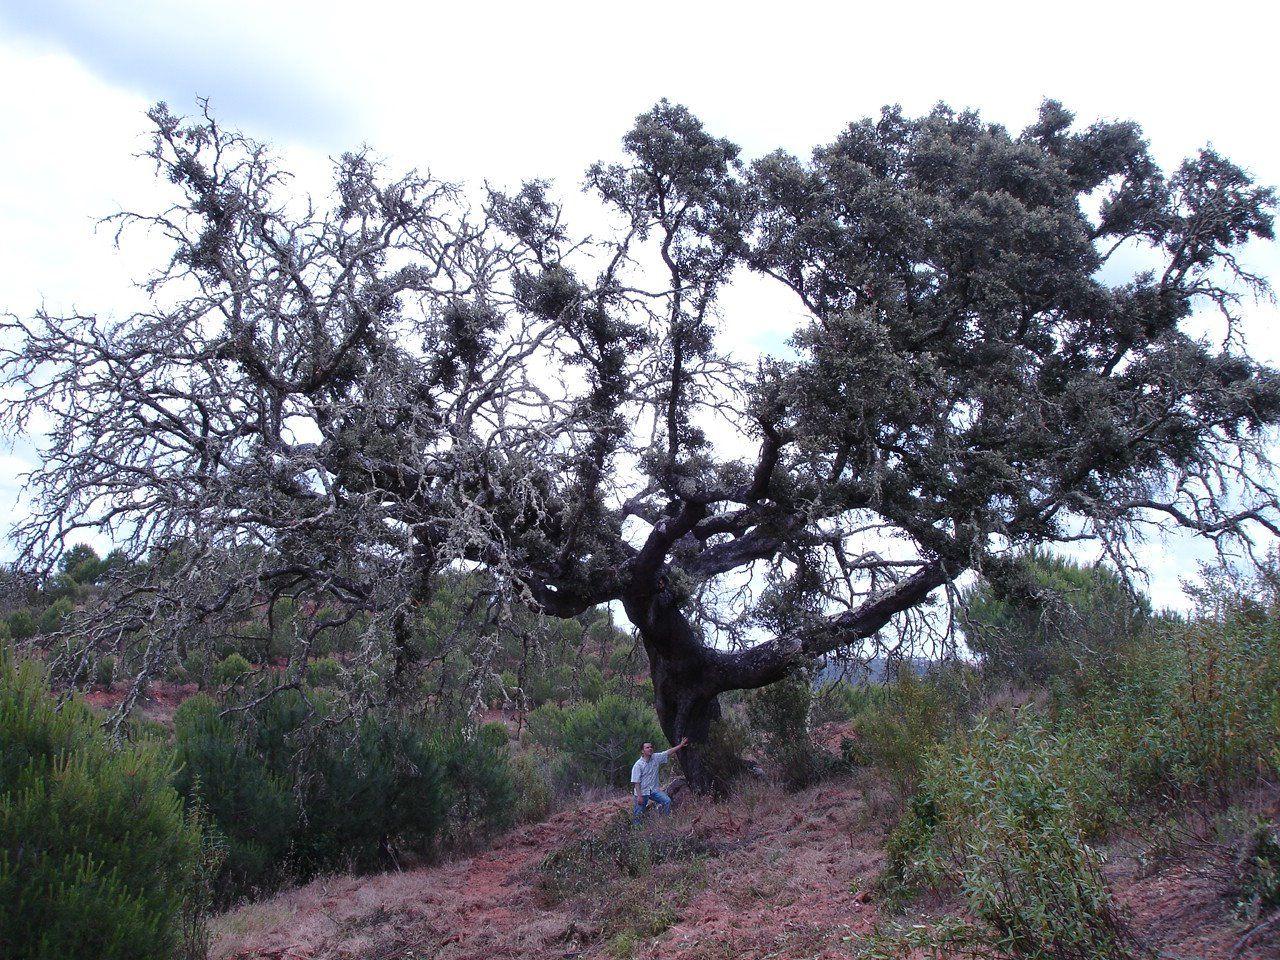 A azinheira do Monte das Pias , situada na Herdade das Pias (Monte das Pias, concelho de Mértola), bem perto do Pulo do Lobo. Está classificada como árvore de interesse público desde 1997, tendo uma idade estimada de 500 anos.